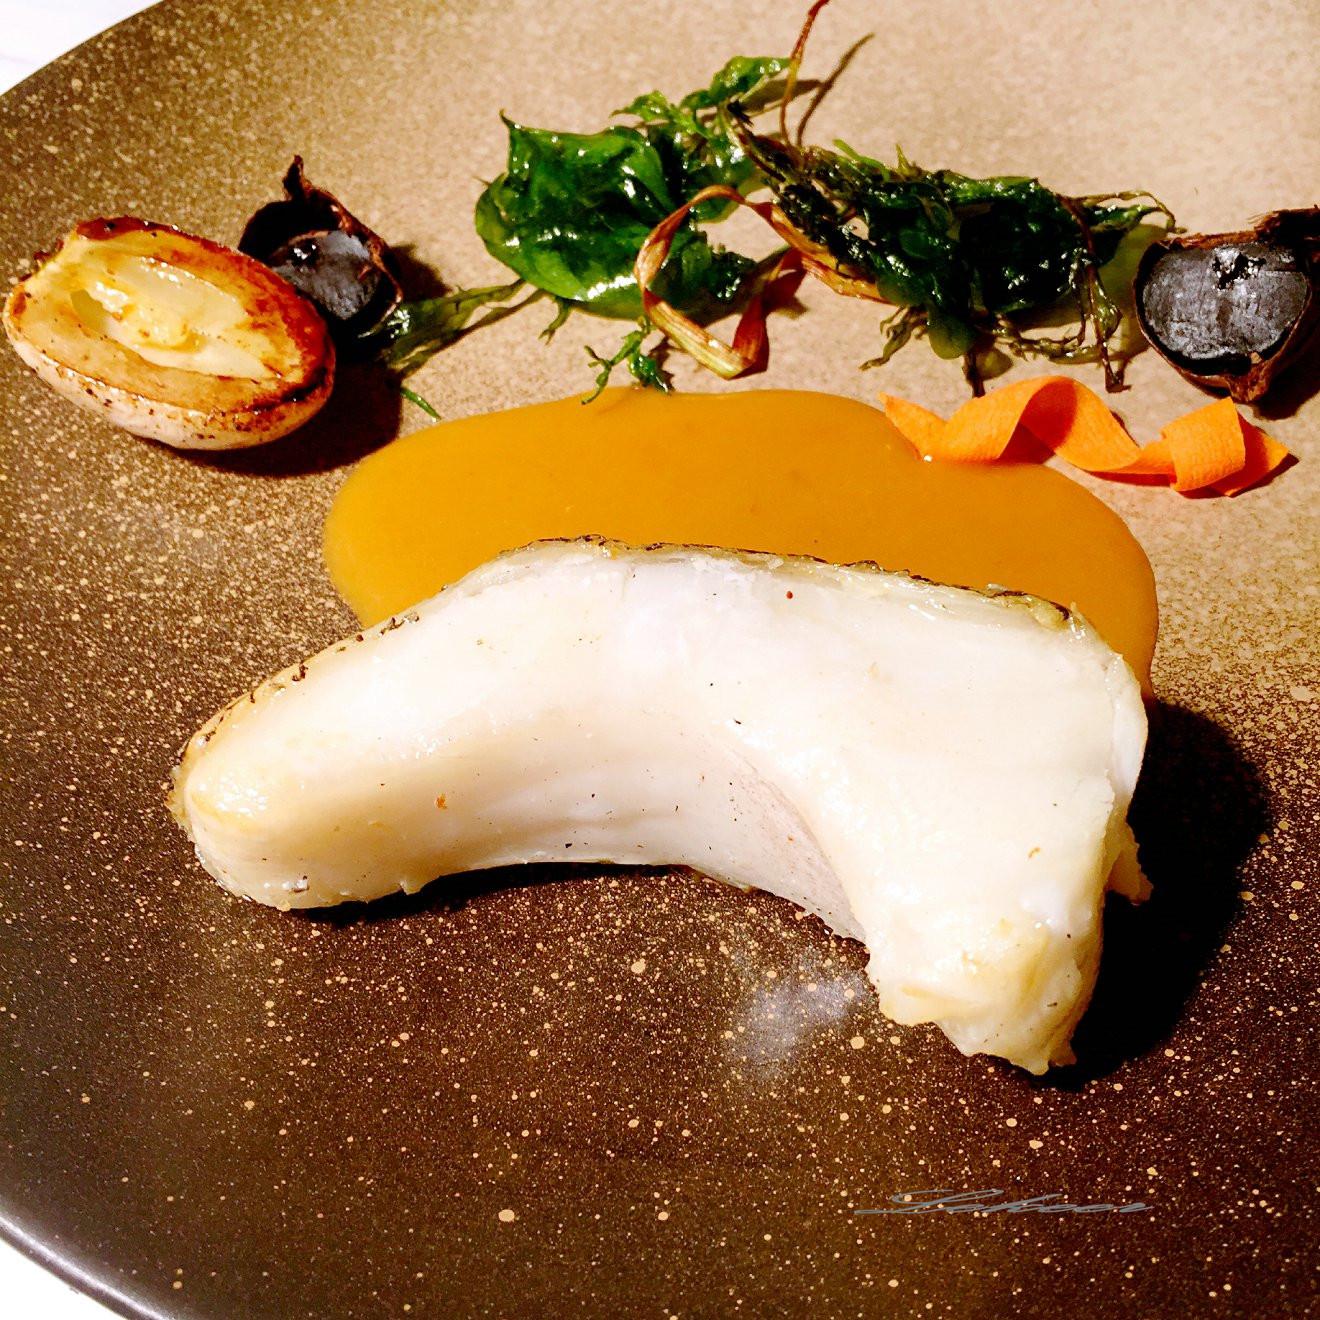 台湾欧巴的法式料理 吃,不忍心,不吃,闹心! - 勒克儿 - 党青博客